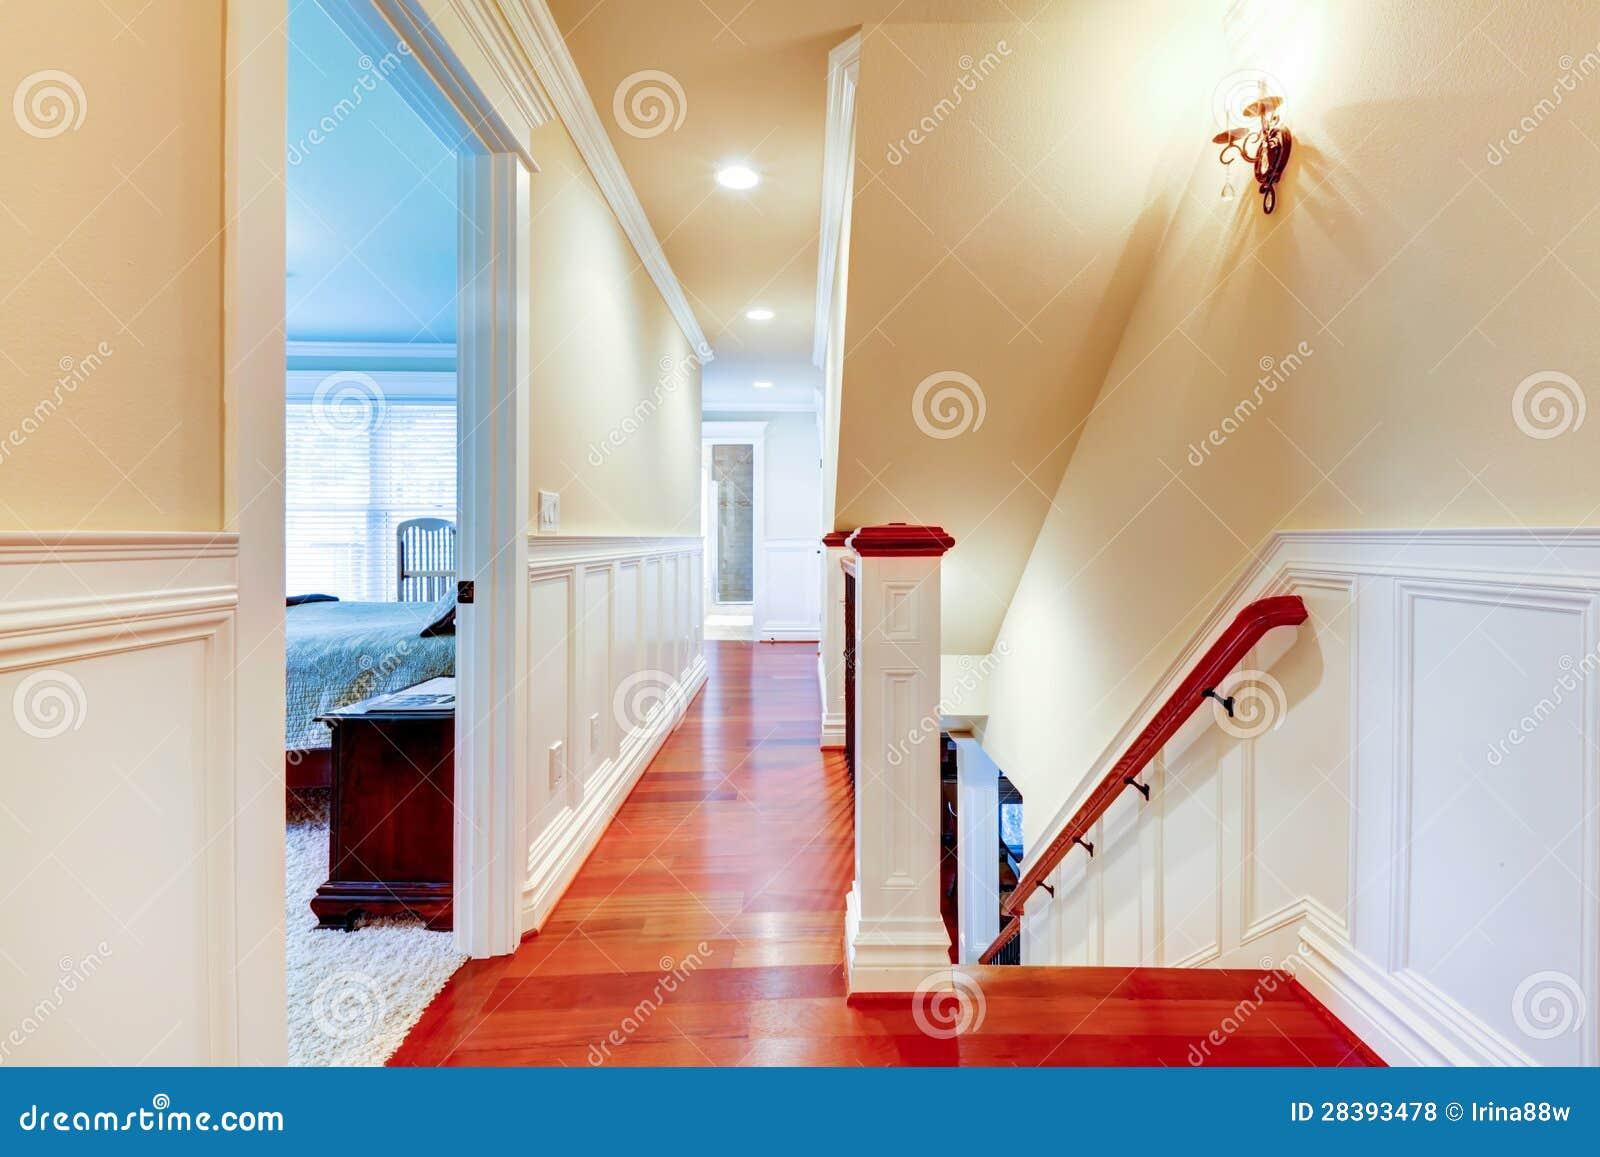 grand couloir lumineux avec le bois dur et l 39 escalier de cerise photo stock image du lumineux. Black Bedroom Furniture Sets. Home Design Ideas